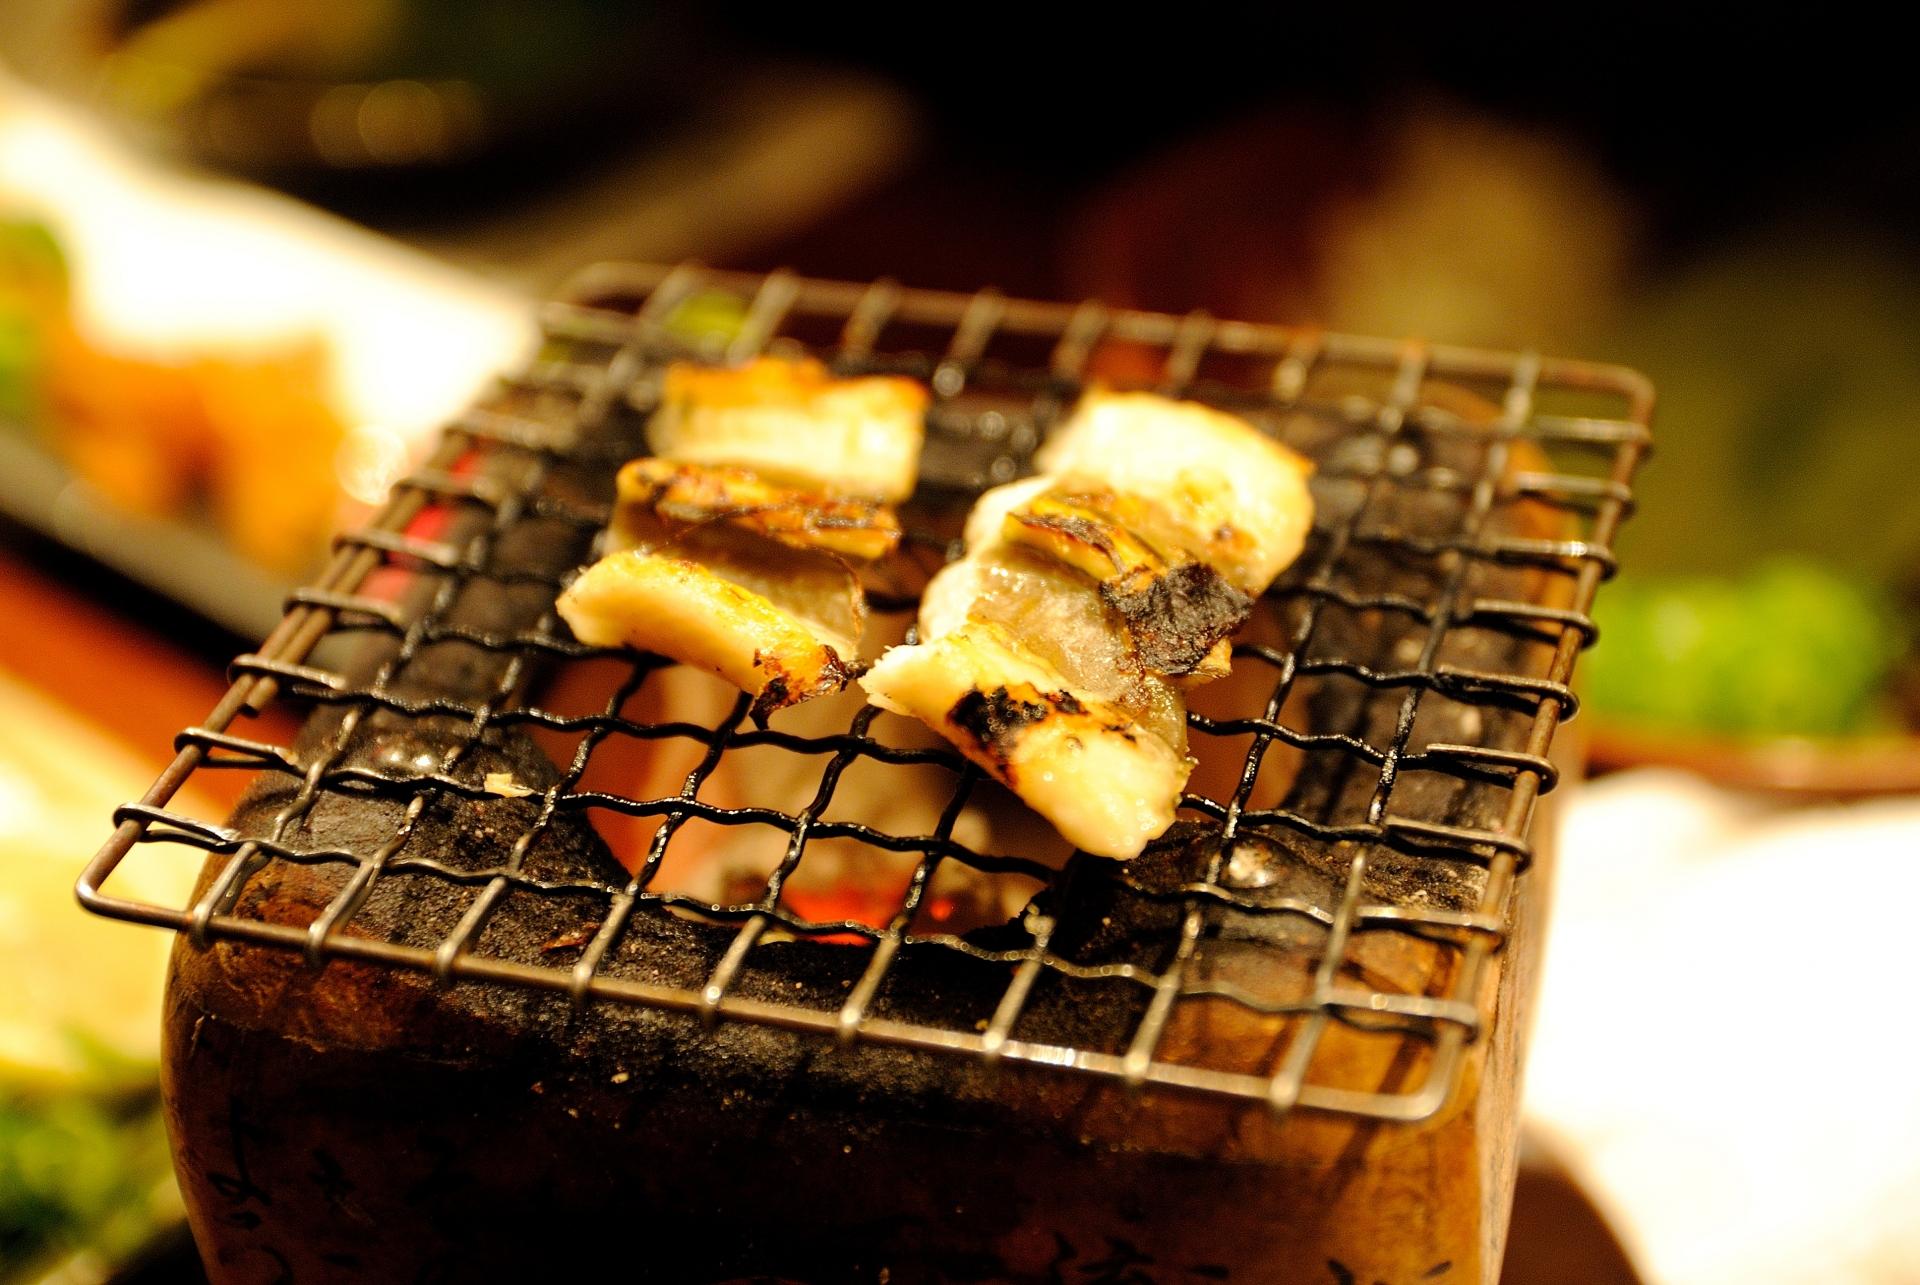 焼き網のおすすめ4選&選び方【魚・トースト専用も】